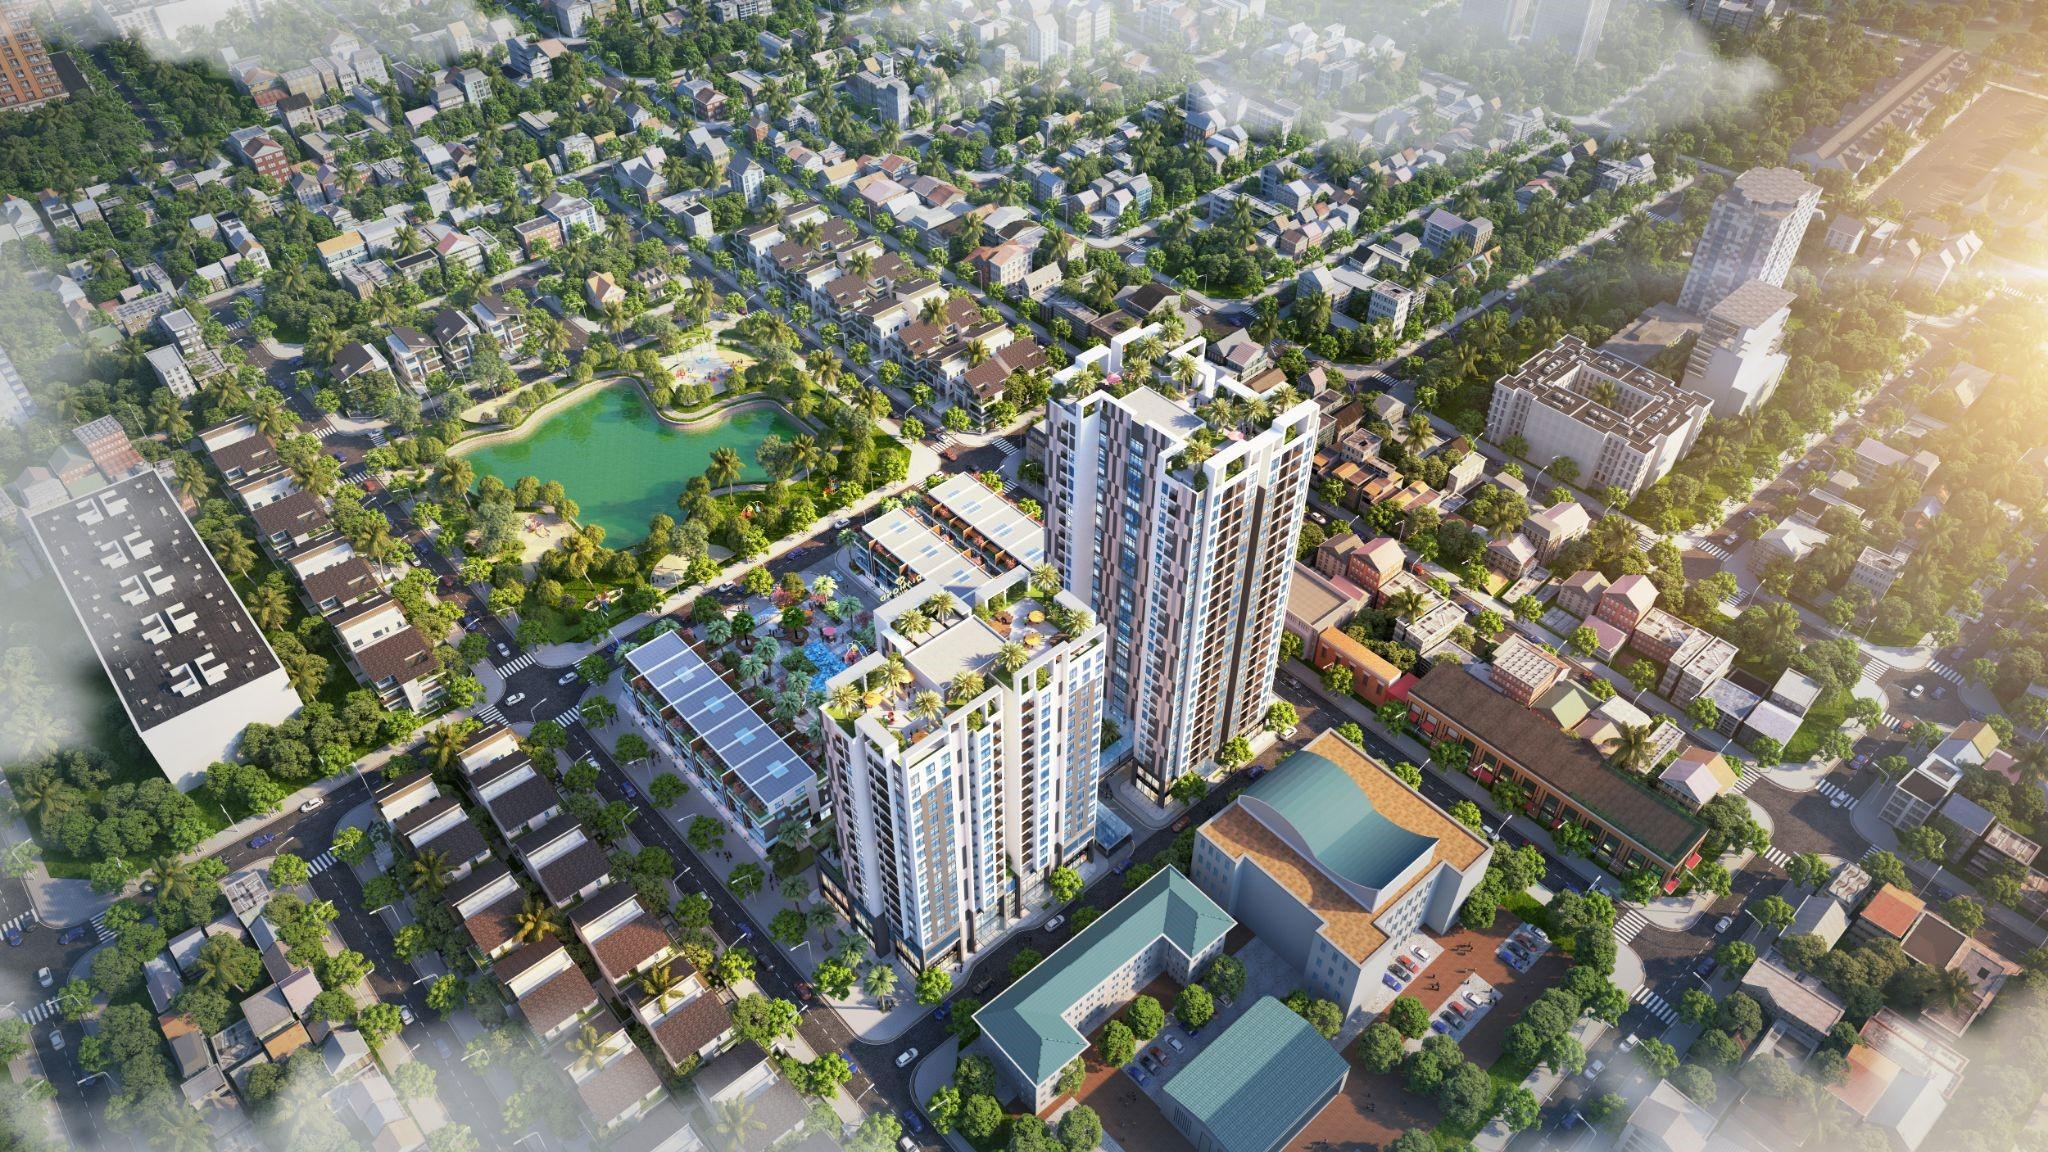 Vị trí của dự án nằm tại trung tâm kết nối vùng thuận tiện